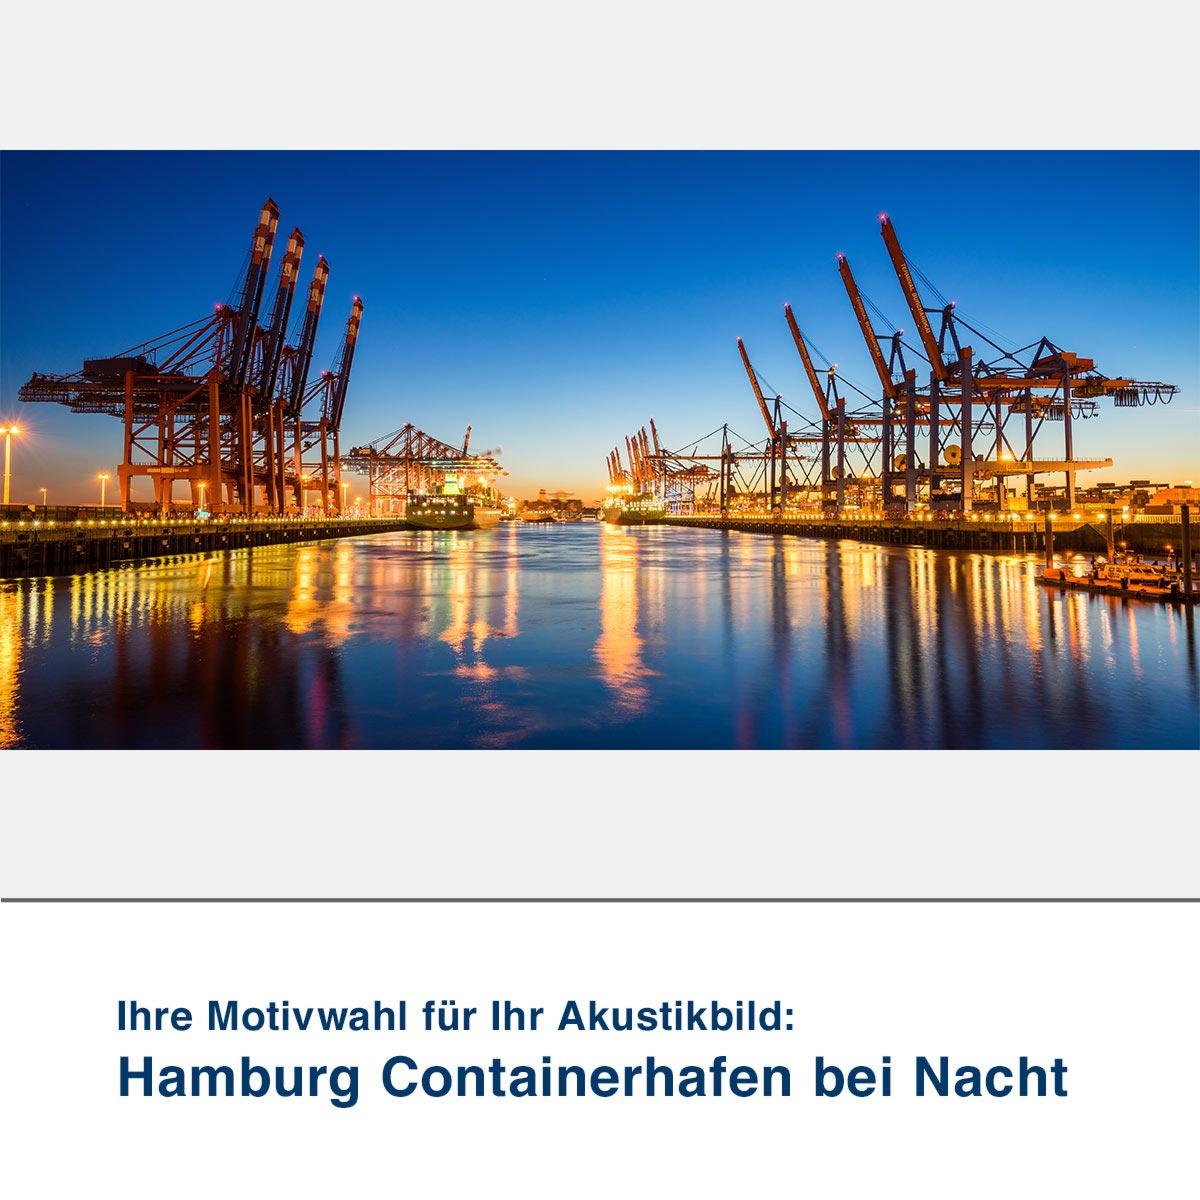 Ihre Motivwahl für Ihr Akustikbild – Hamburger Containerhafen